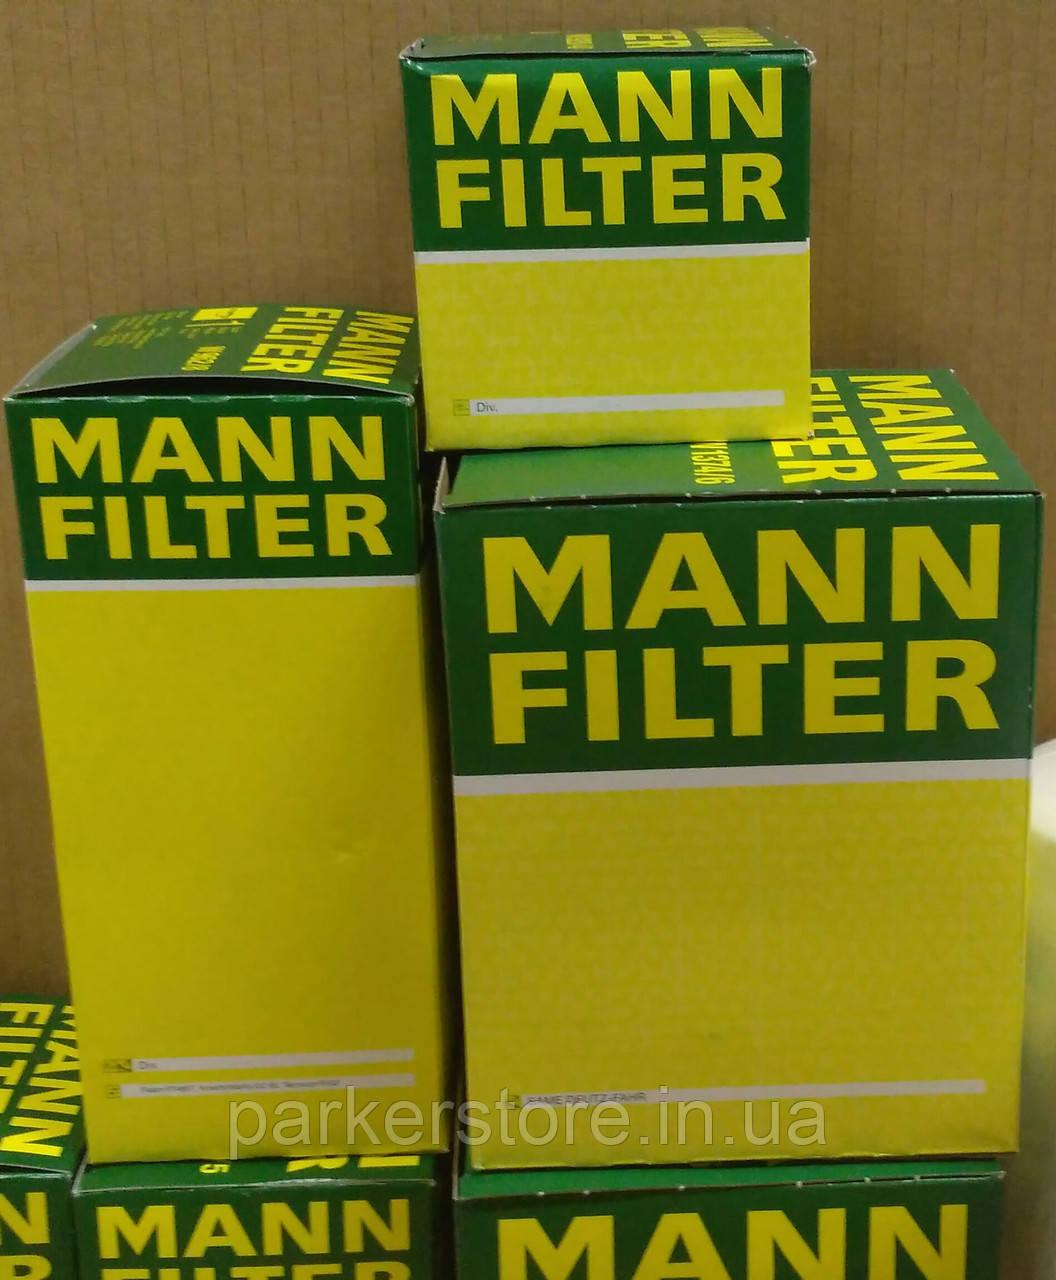 MANN FILTER / Воздушный фильтр / C 12 006 / C12006